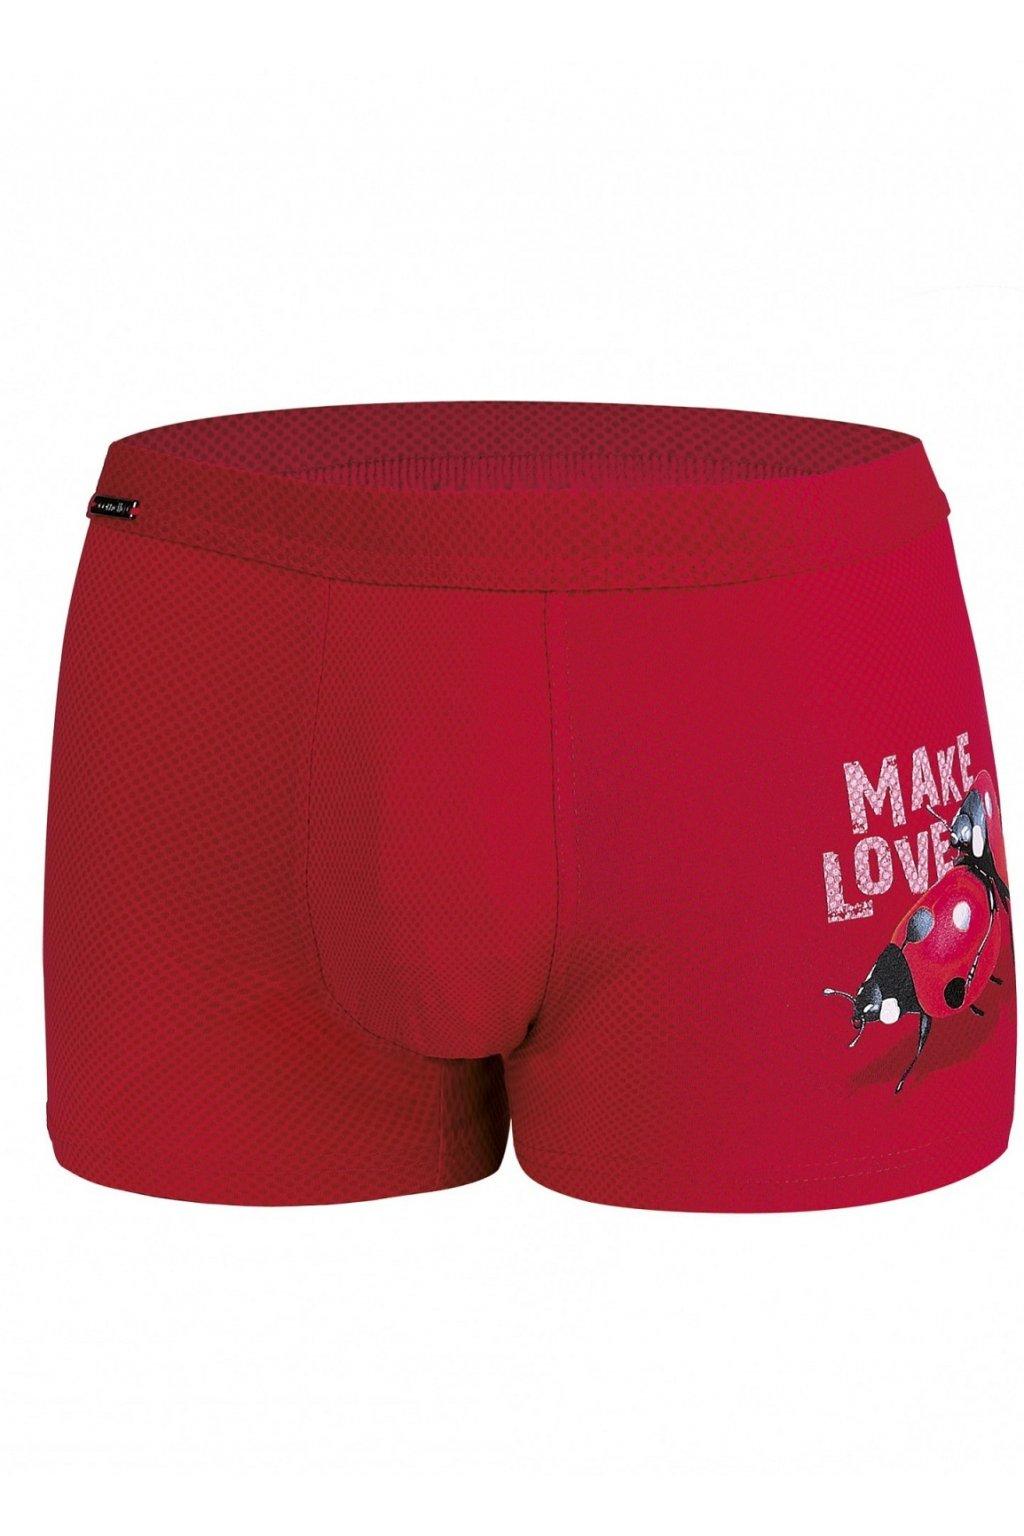 Boxerky Cornette 010/62 Make Love 2